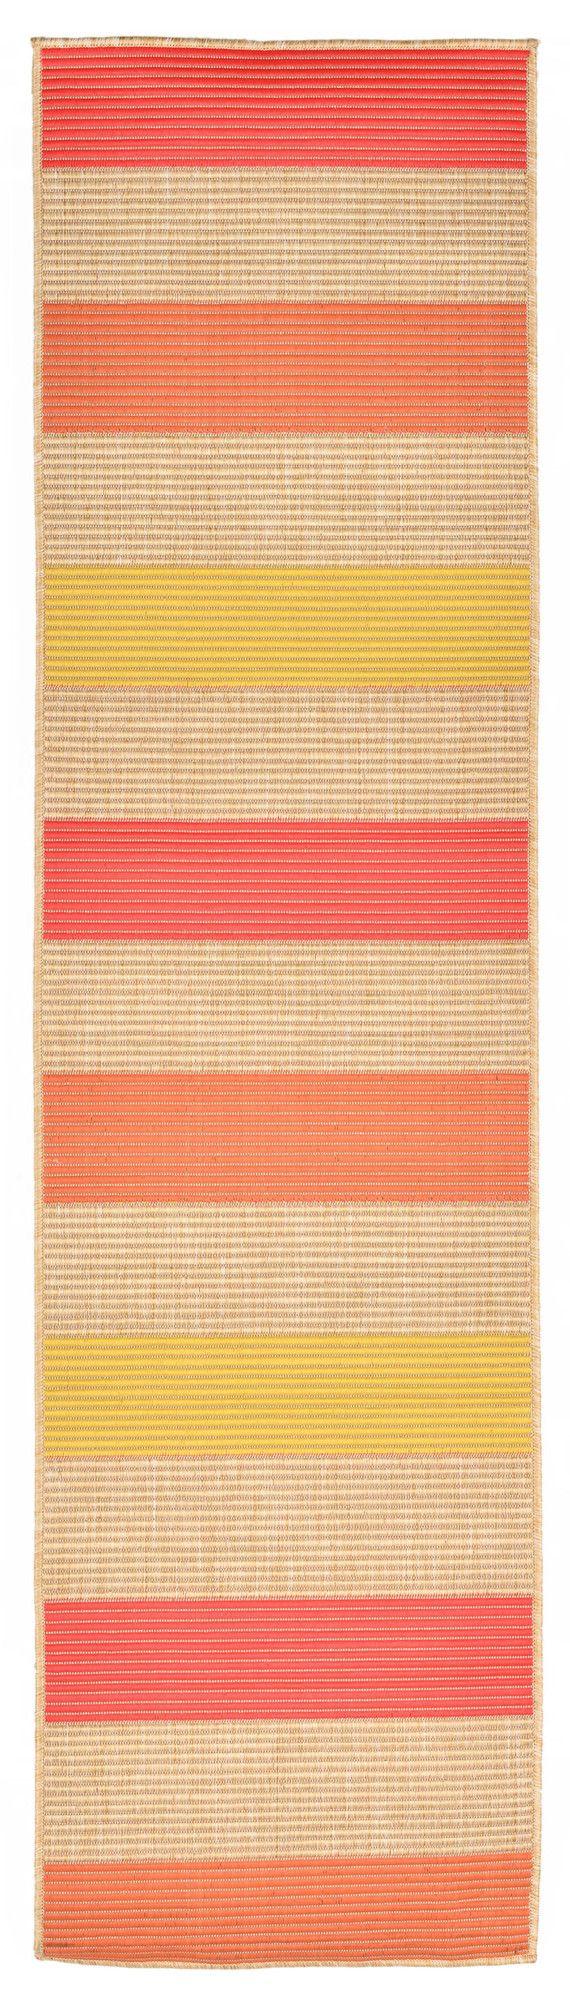 Orange Pink/Yellow Indoor/Outdoor Area Rug